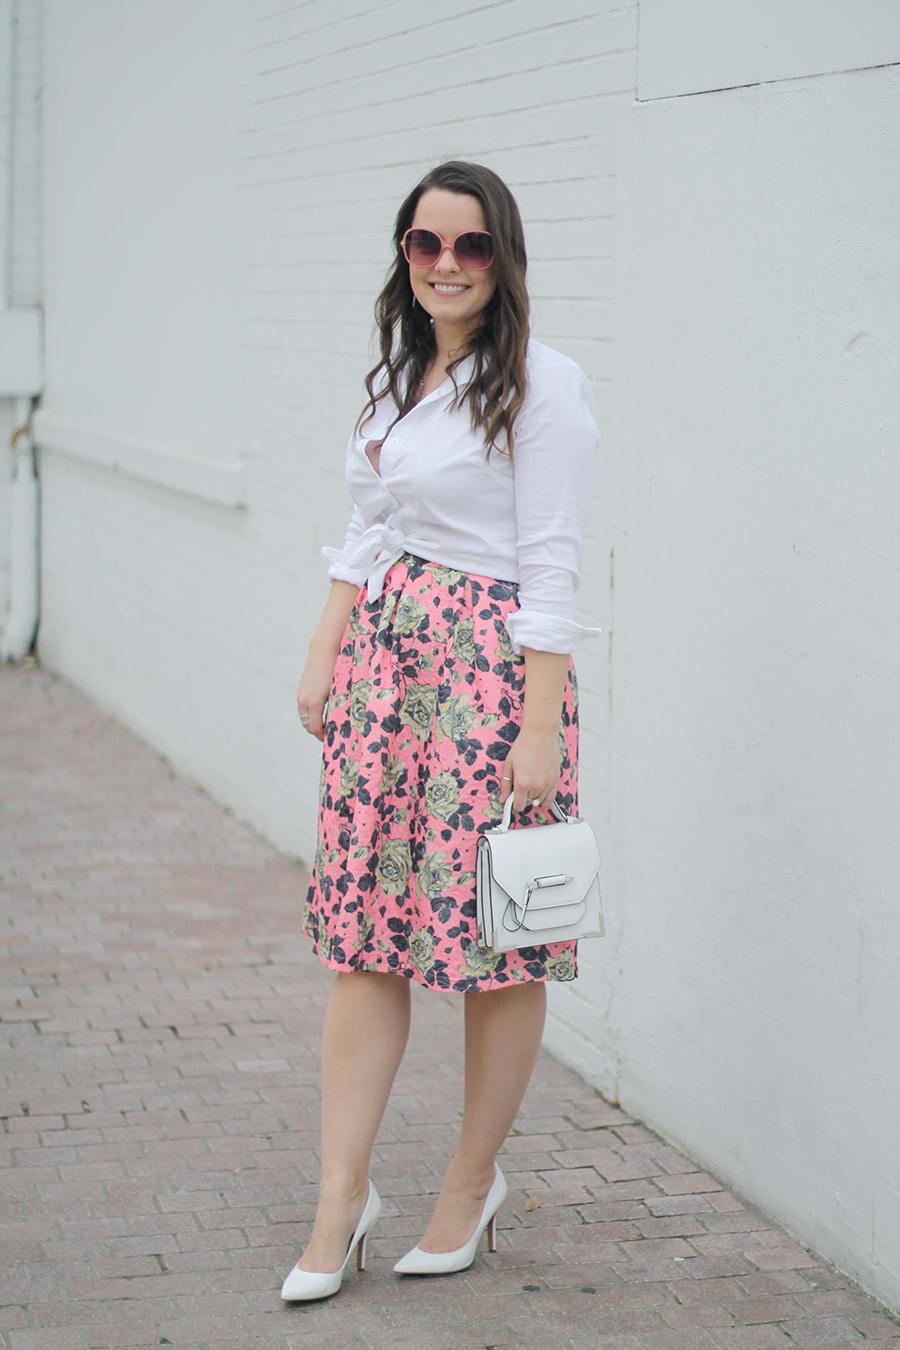 feminine-fashion-bloggers-outfit-ideas